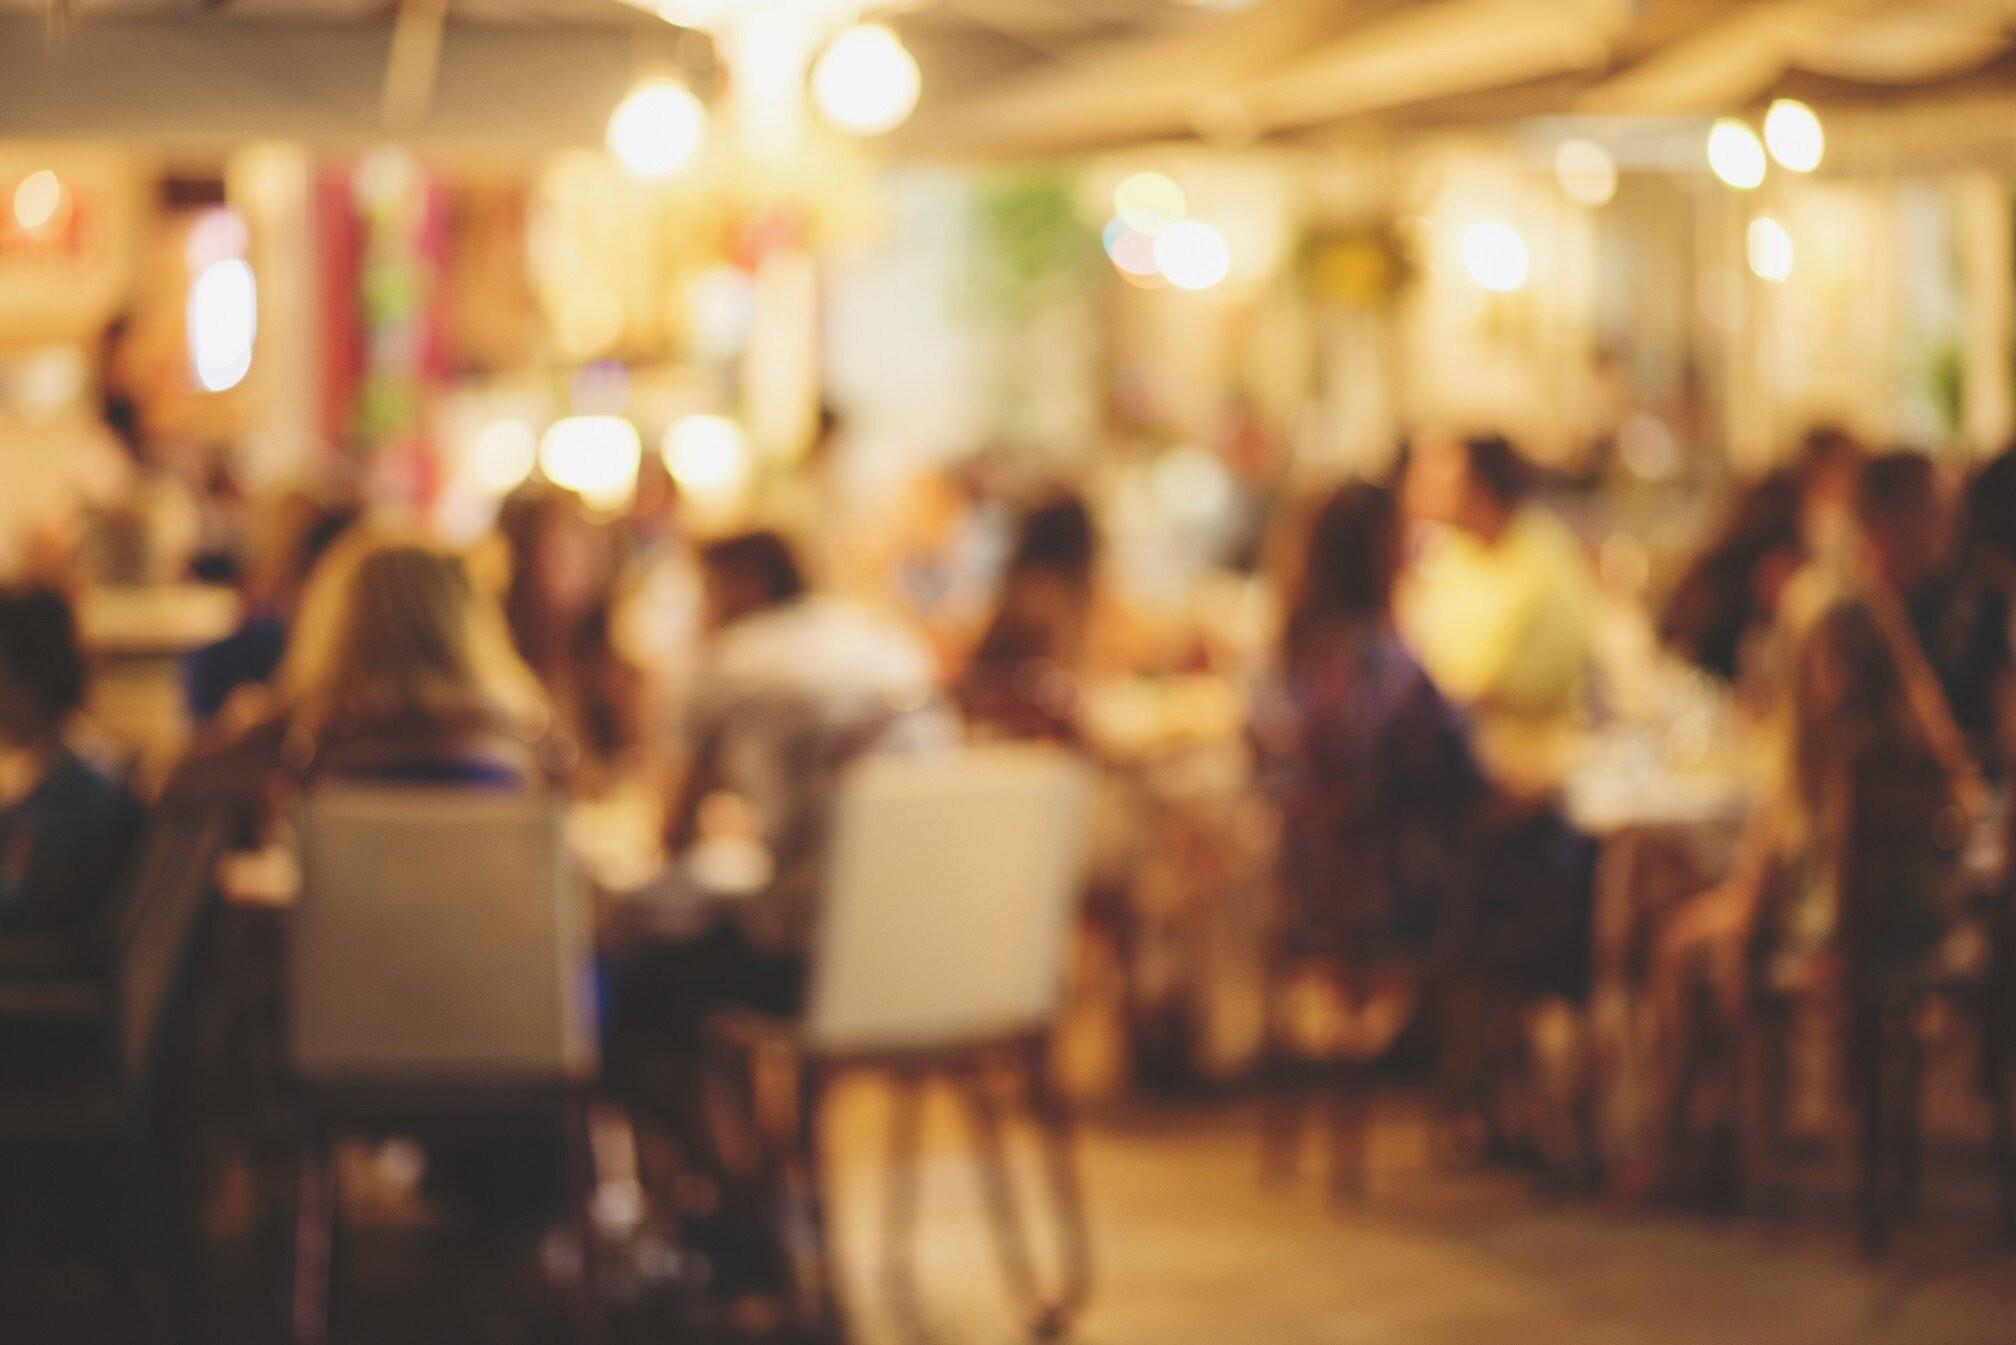 Cumhurbaşkanı ile görüştü; kafe ve restoranların açılma tarihini açıkladı!